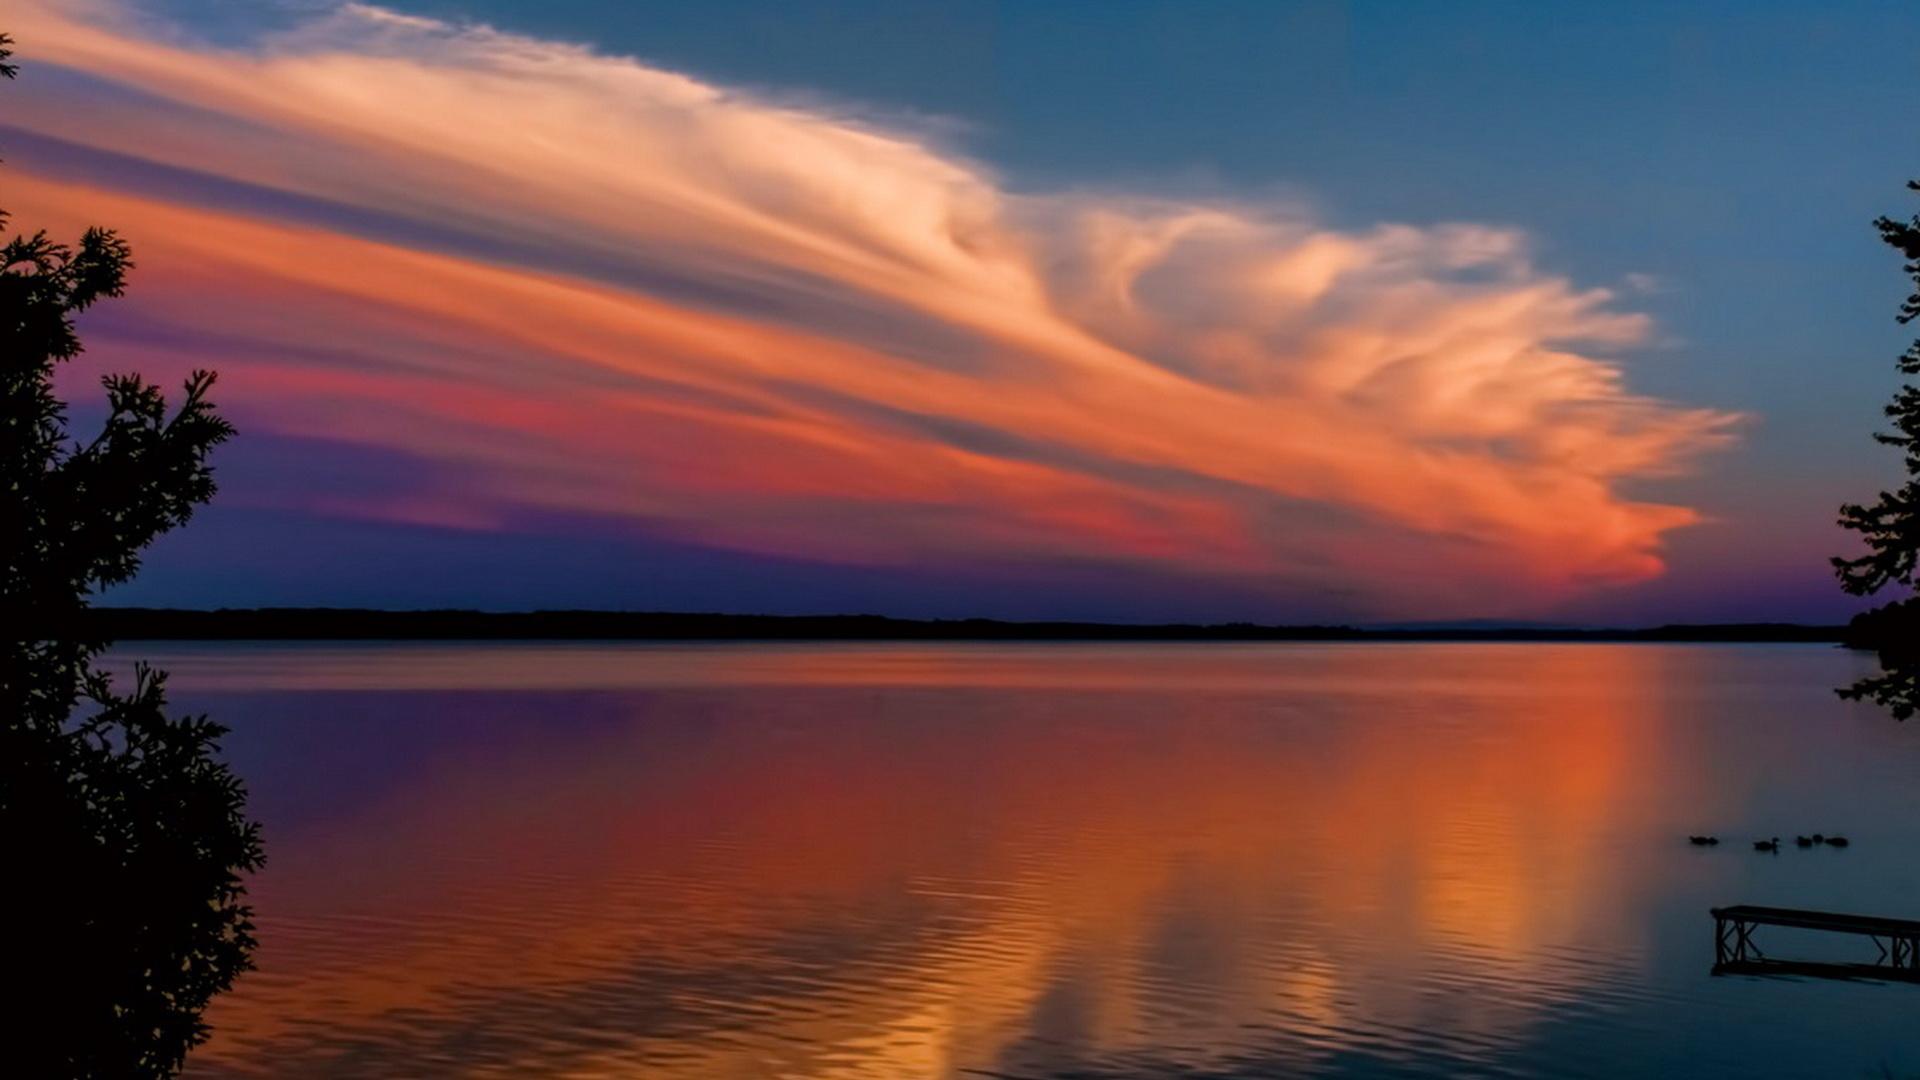 картинки показывающие красоту неба такой трогательный